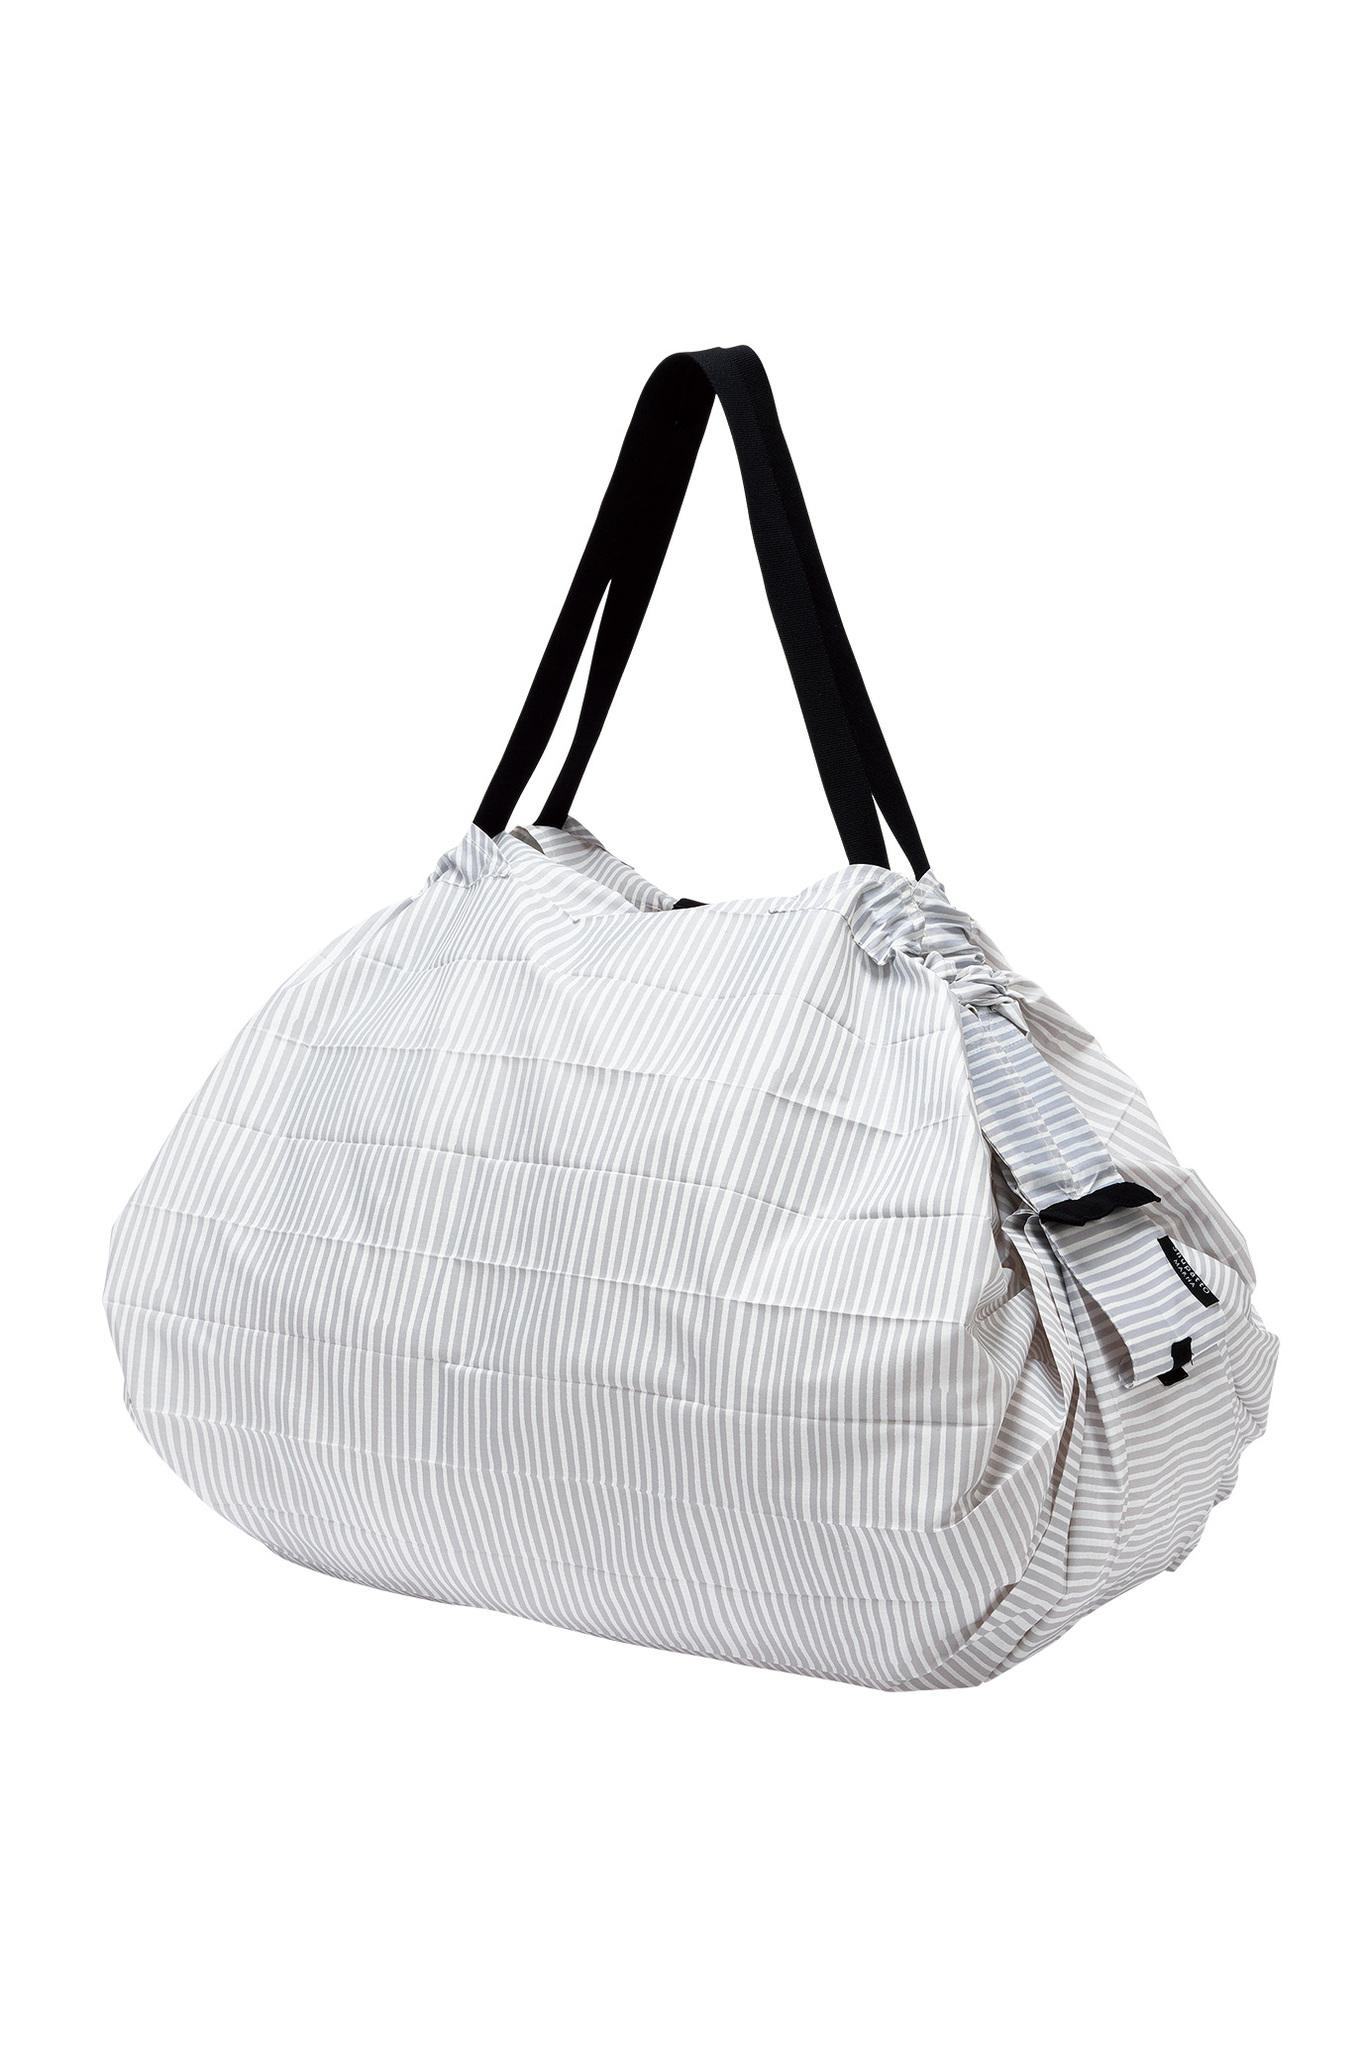 SEN (Stripe), Weiss, Gröss L - gefaltet 10x6.5 cm